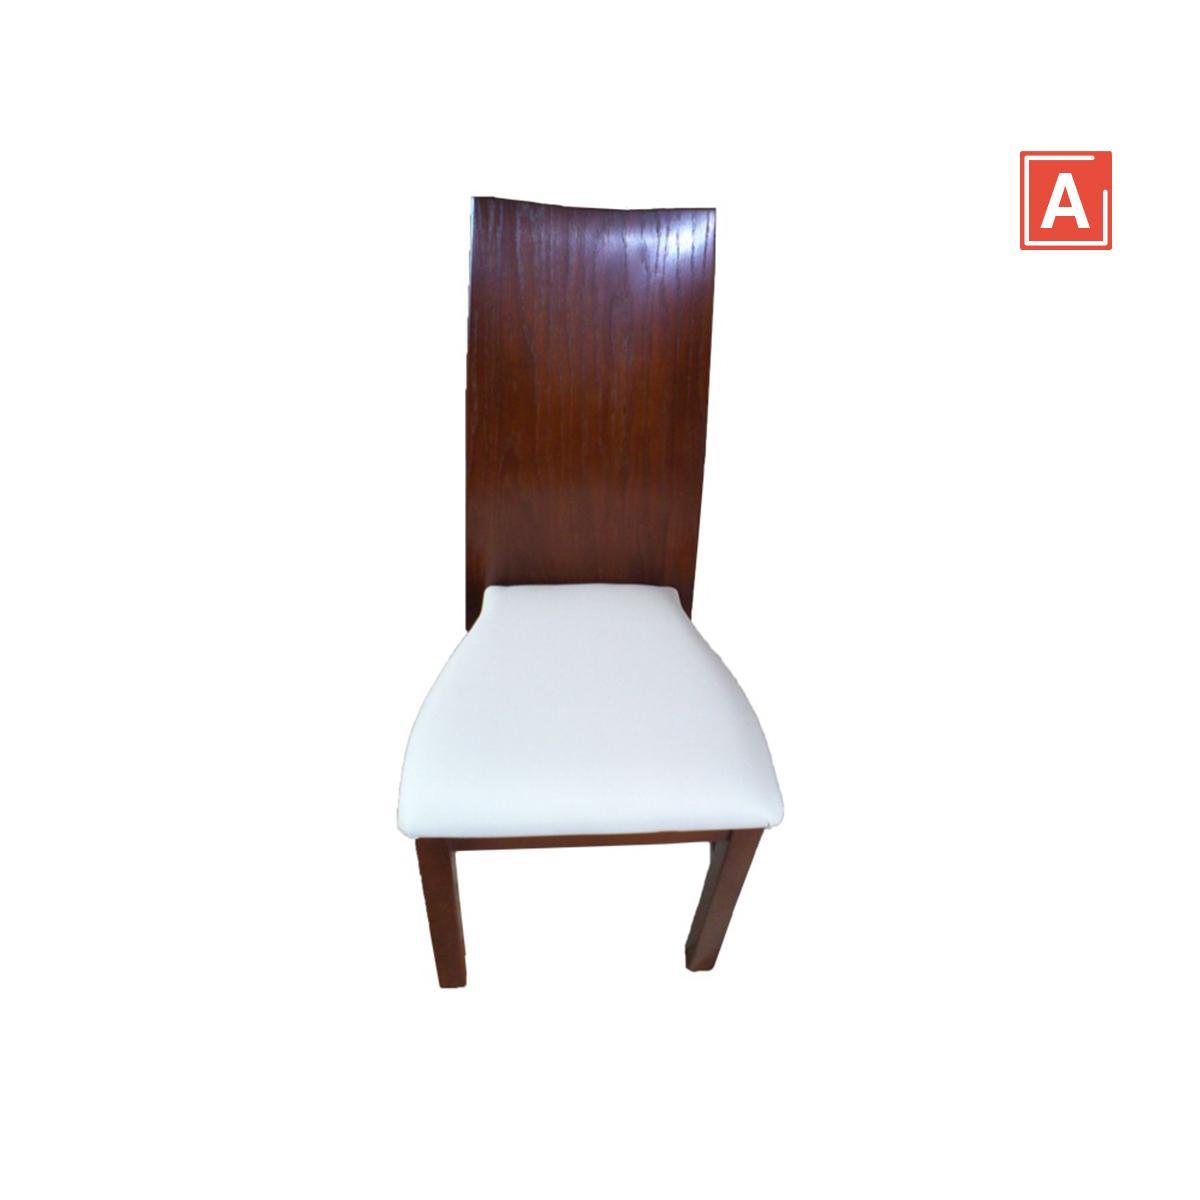 krzesło dębowe sztaplowane